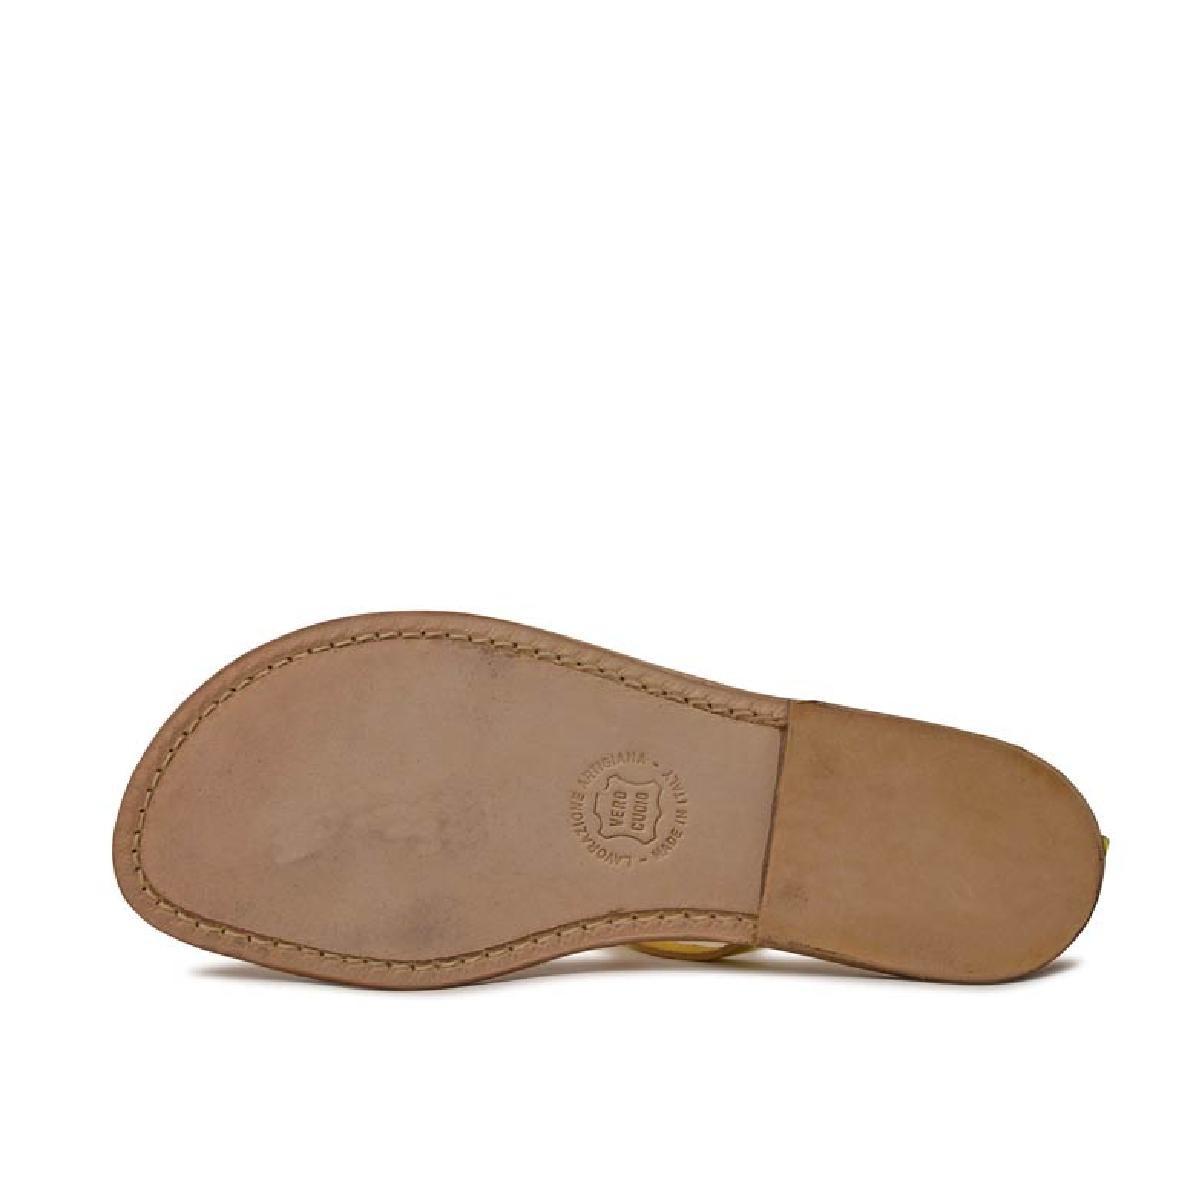 damen riemchen sandalen mit gelber laminierung in italien. Black Bedroom Furniture Sets. Home Design Ideas